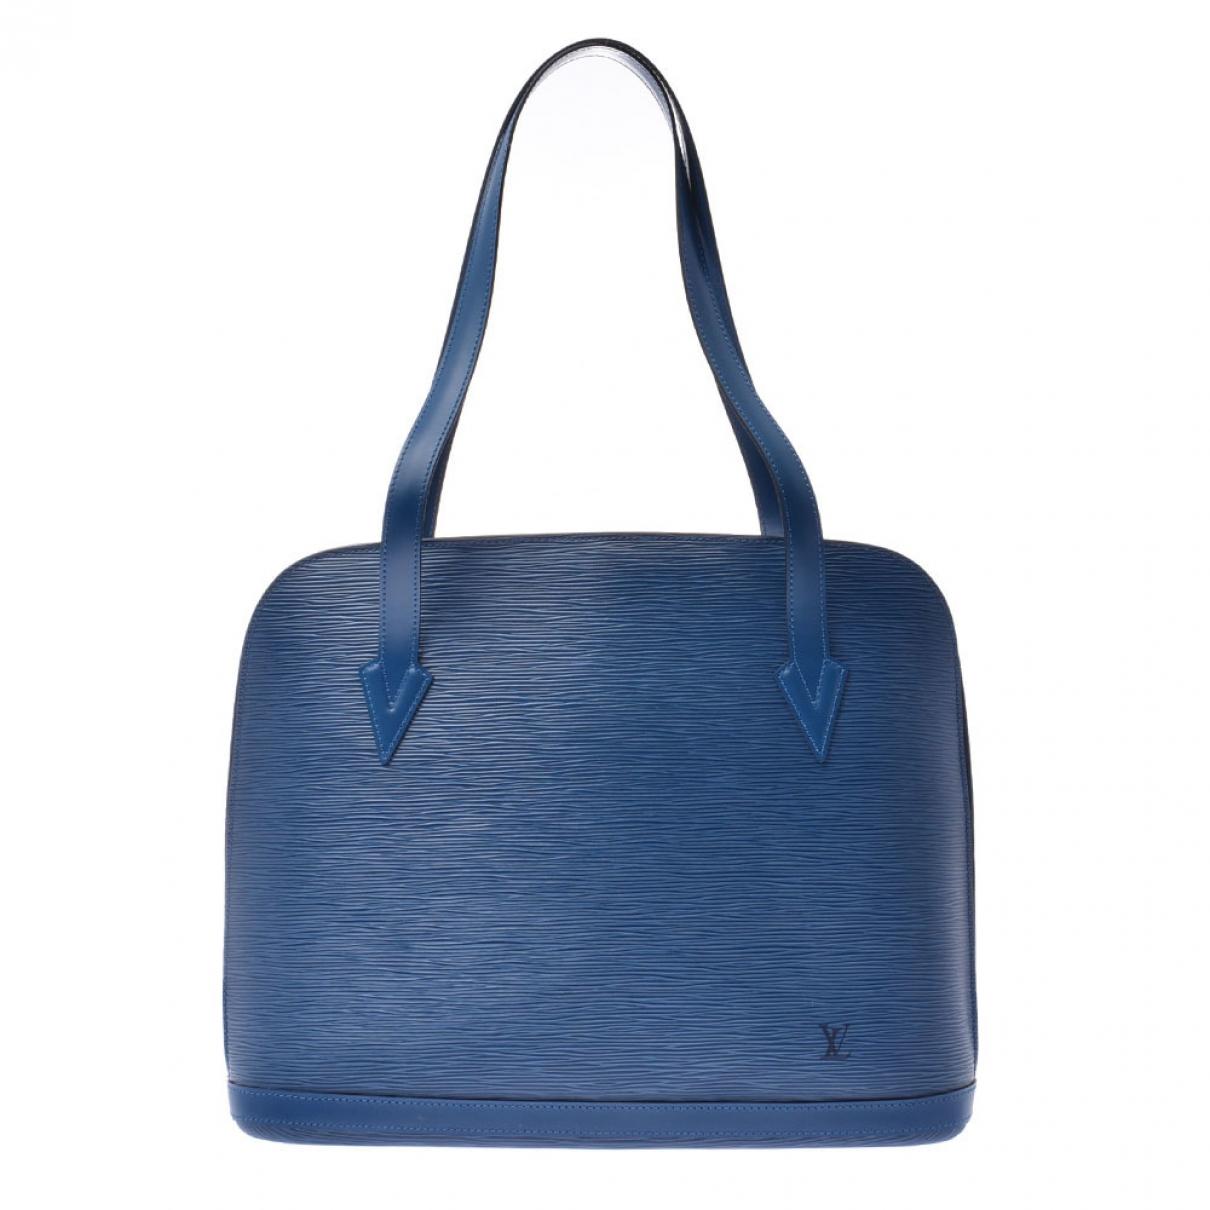 Bolso  Lussac de Cuero Louis Vuitton